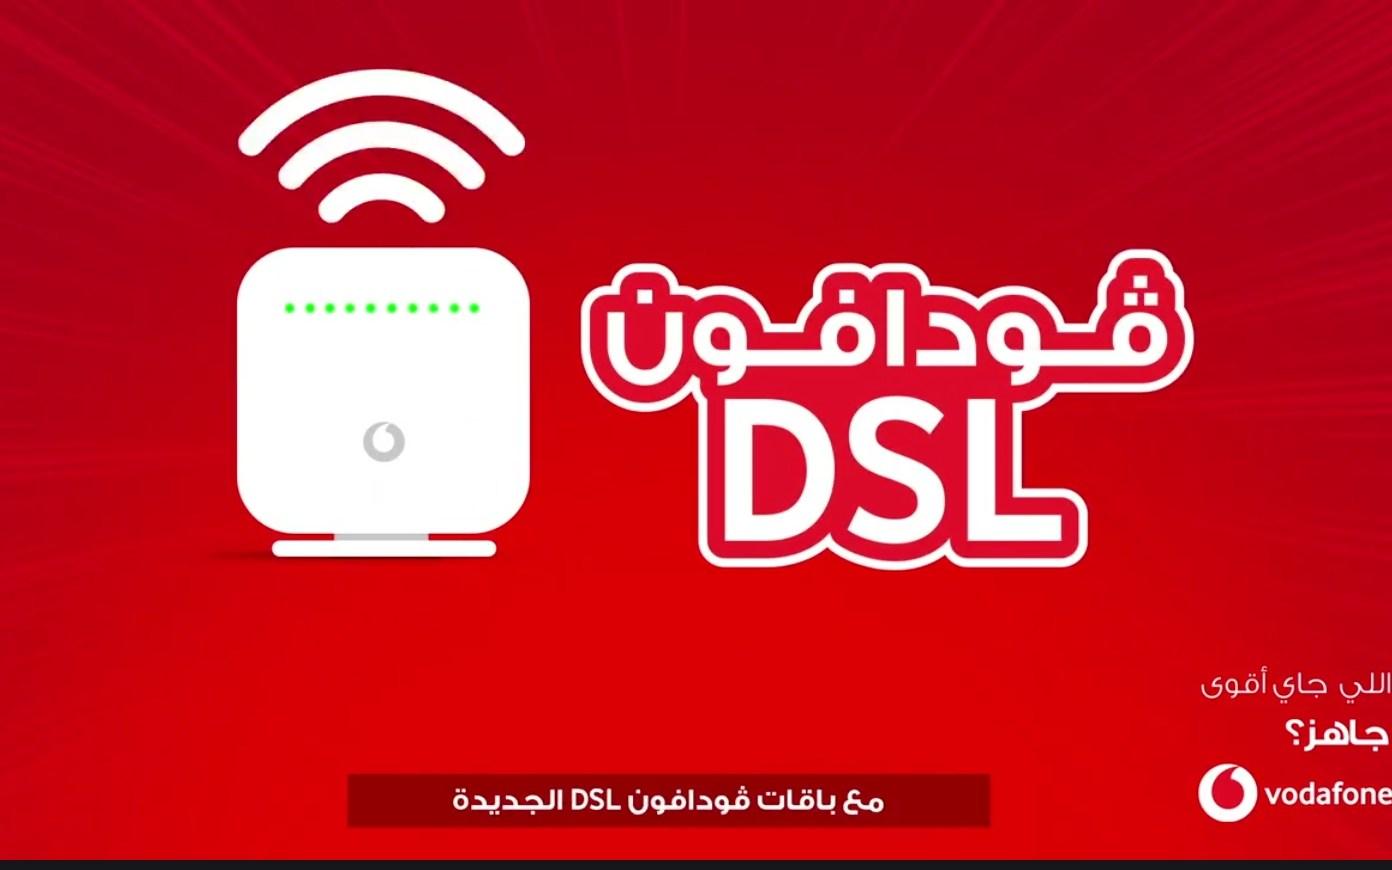 فودافون مصر تعلن خفض أسعار باقات الانترنت الأرضي DSL بقيمة 25 % لمدة 6 أشهر